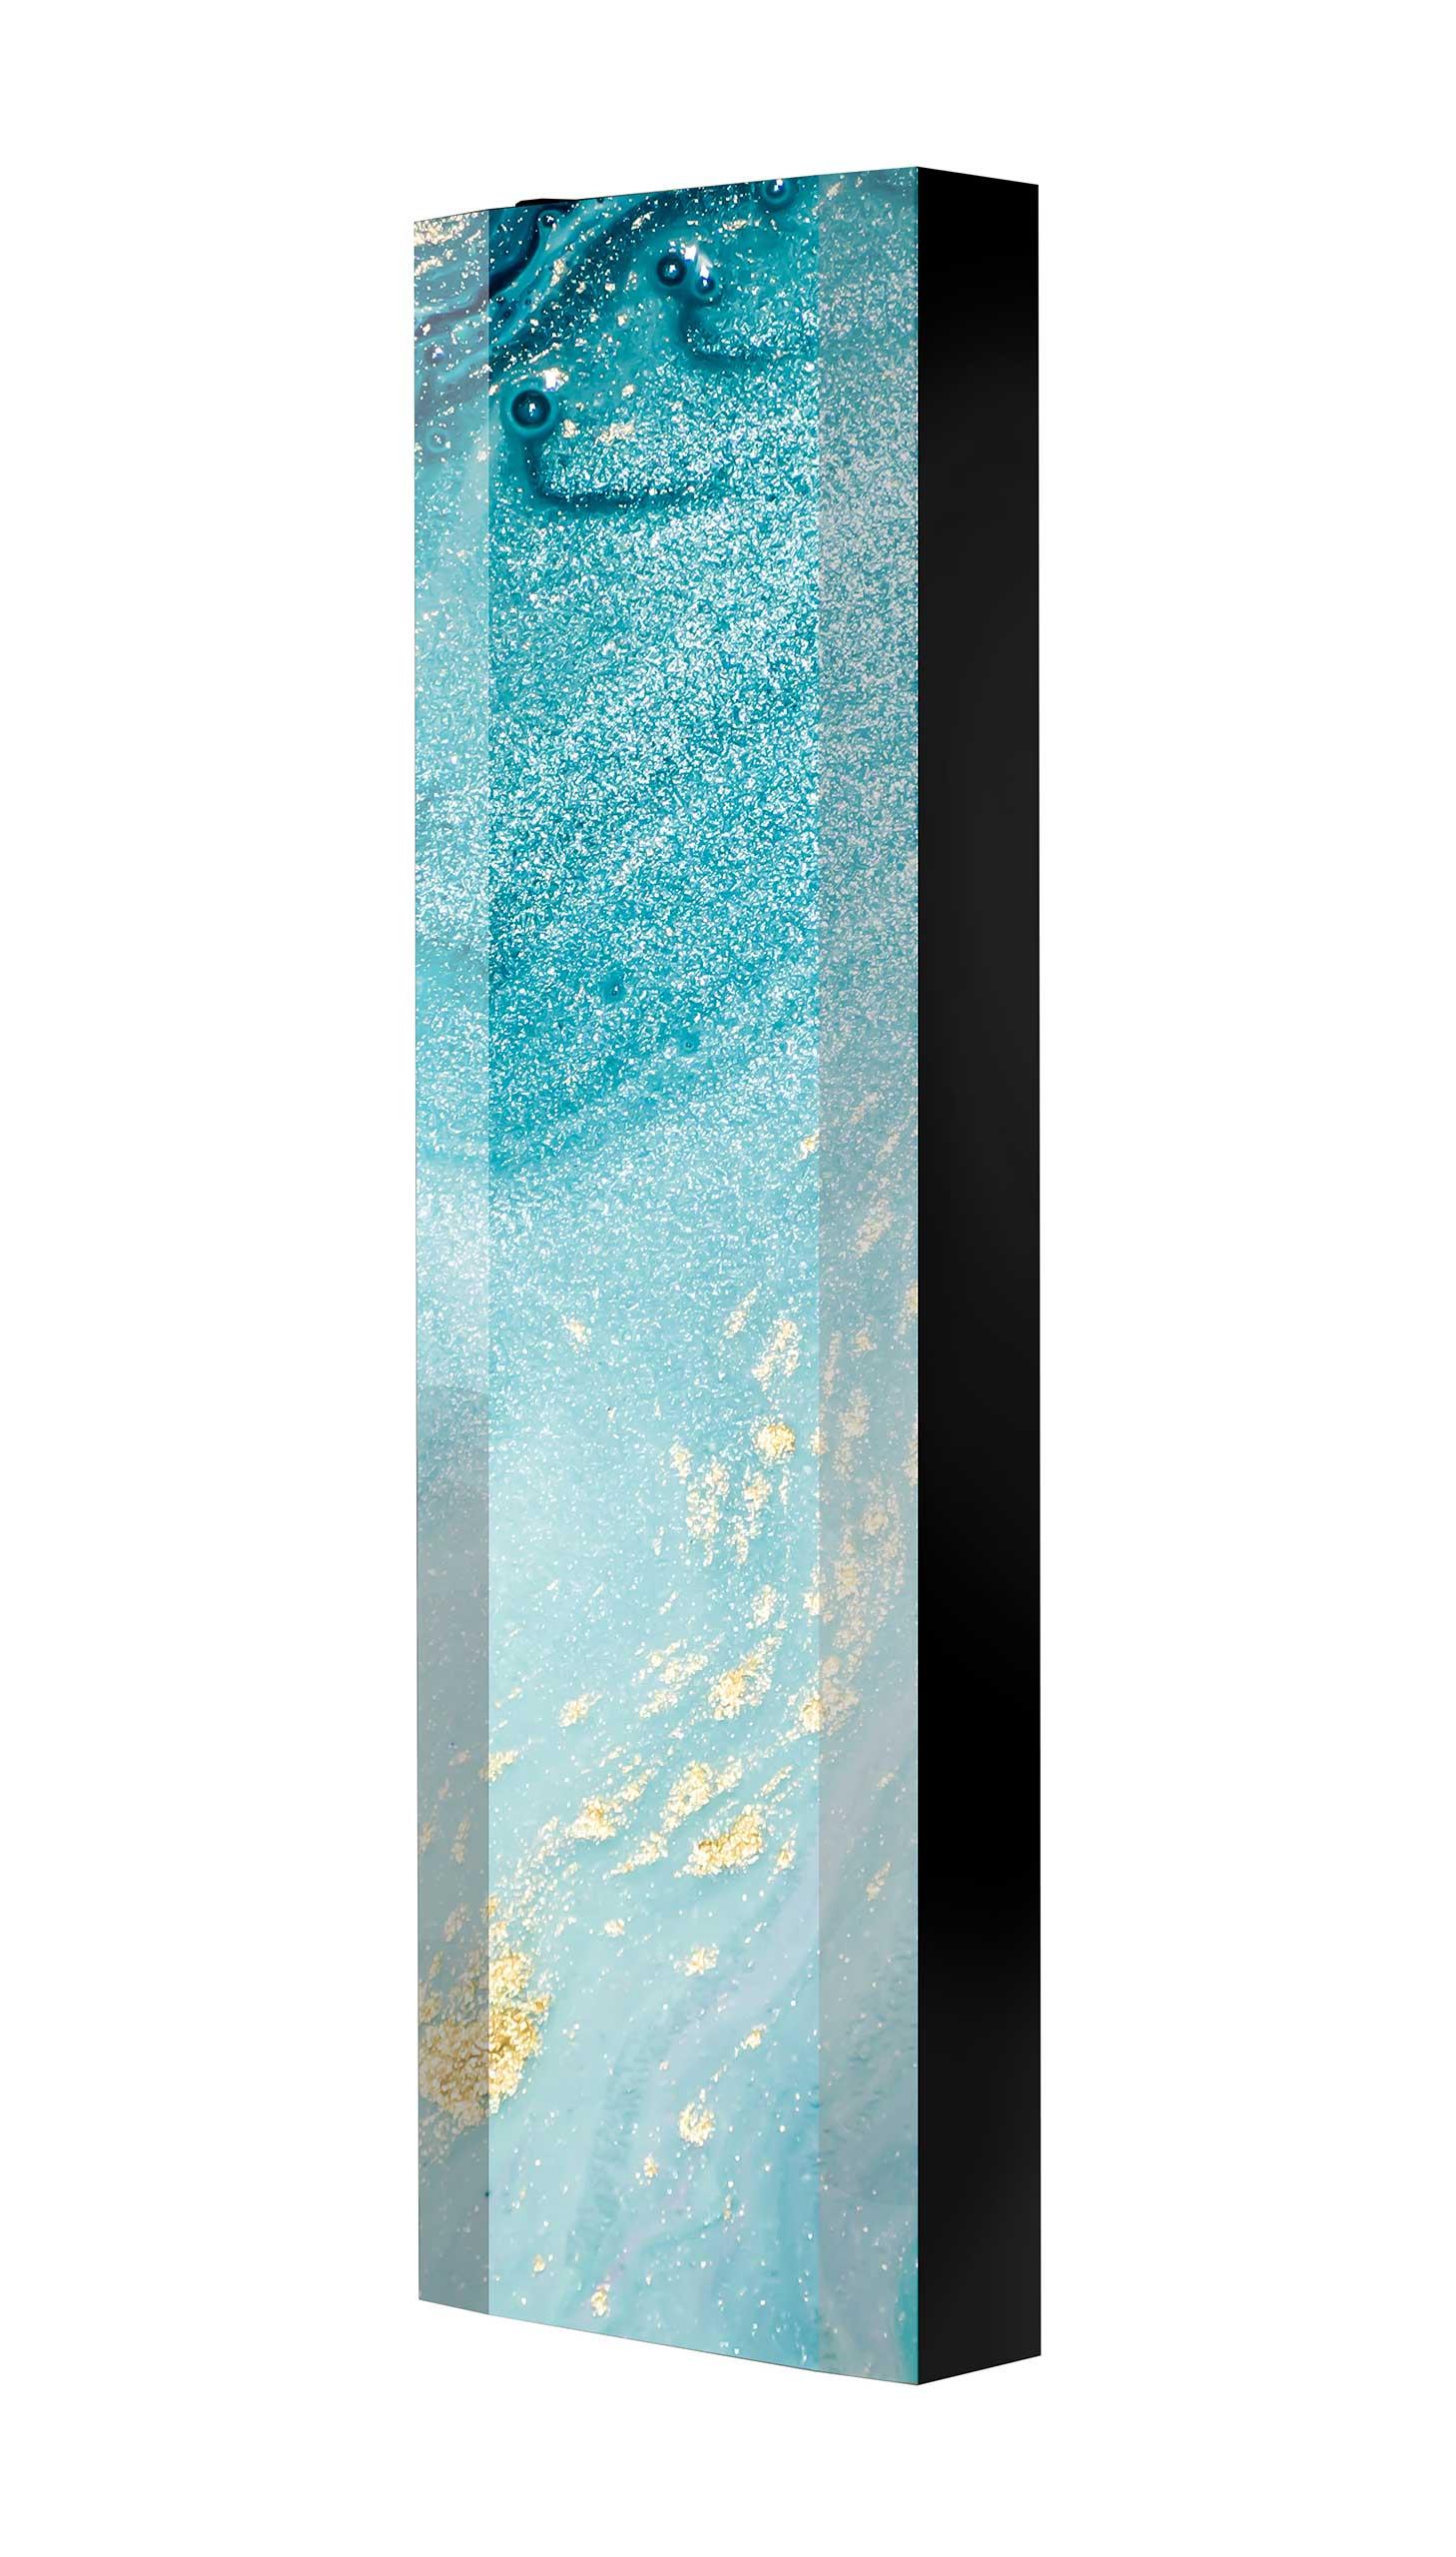 Schuhschrank FLASH 450 BLACK-EDITION Motivschrank schwarz drehbar M116 Kunst Modern